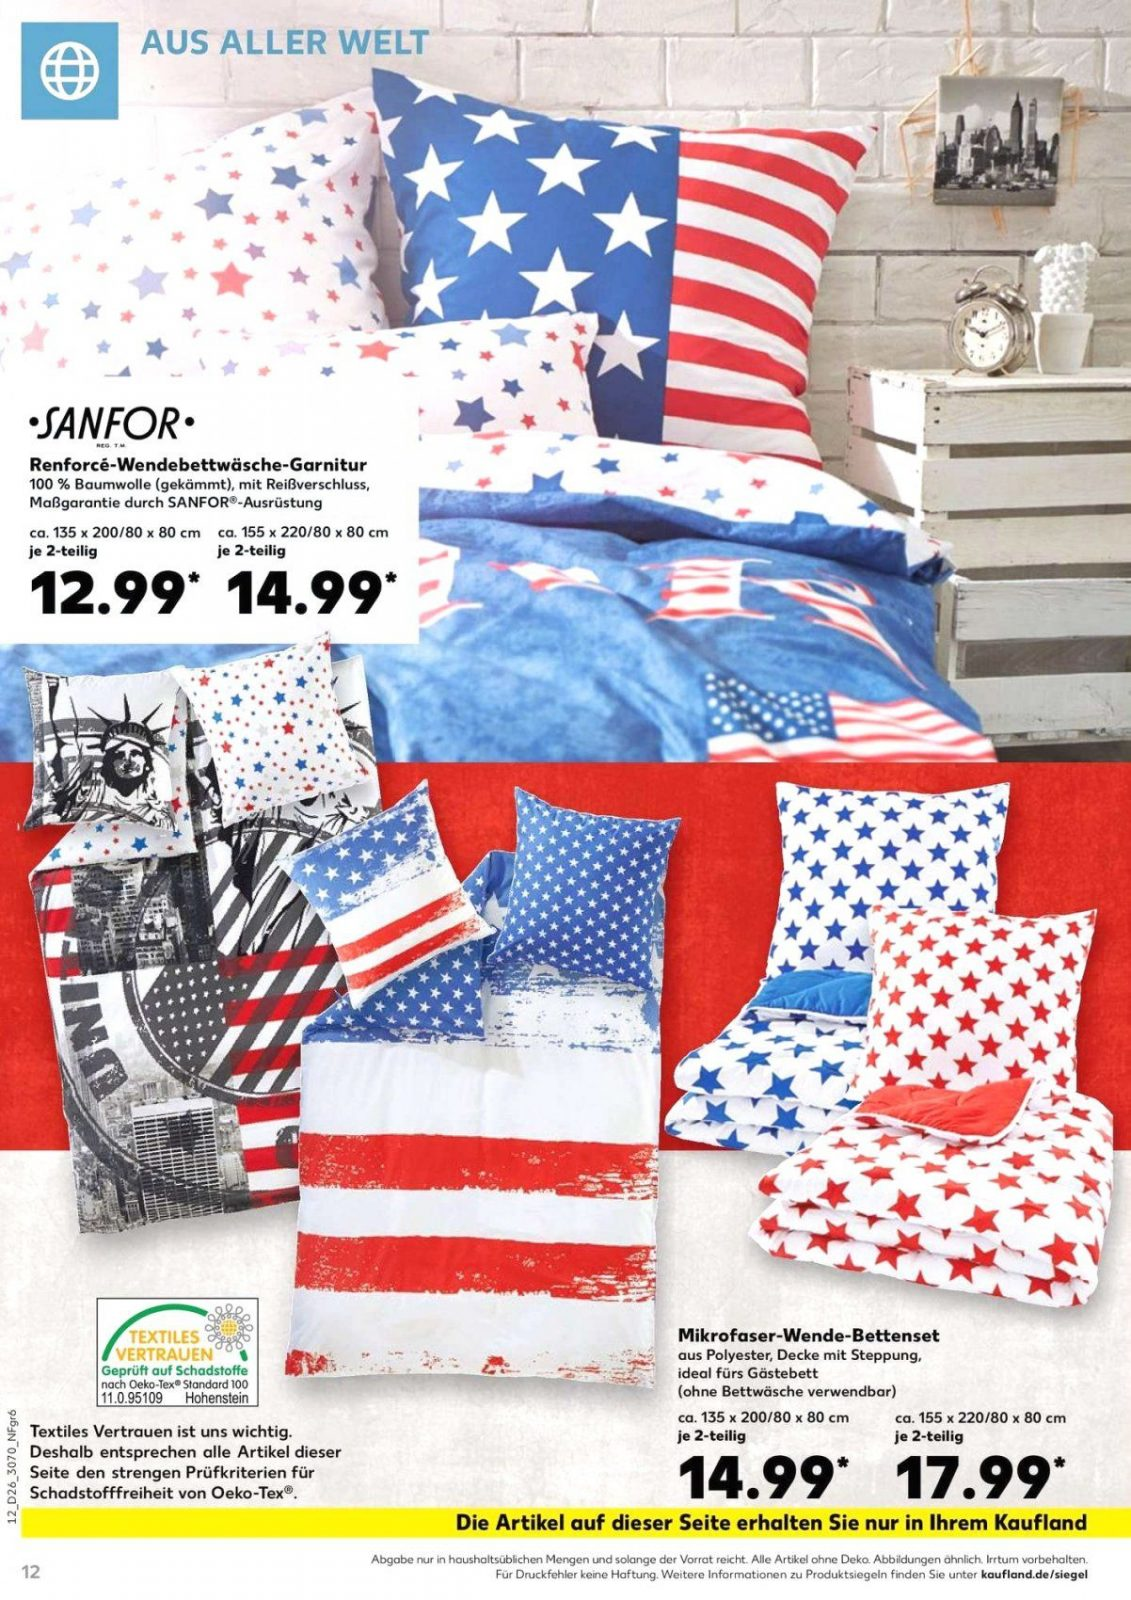 Fabelhafte Ideen Kaufland Bettwäsche Und Gute Diese Woche Amerika von Eiskönigin Bettwäsche Kaufland Photo